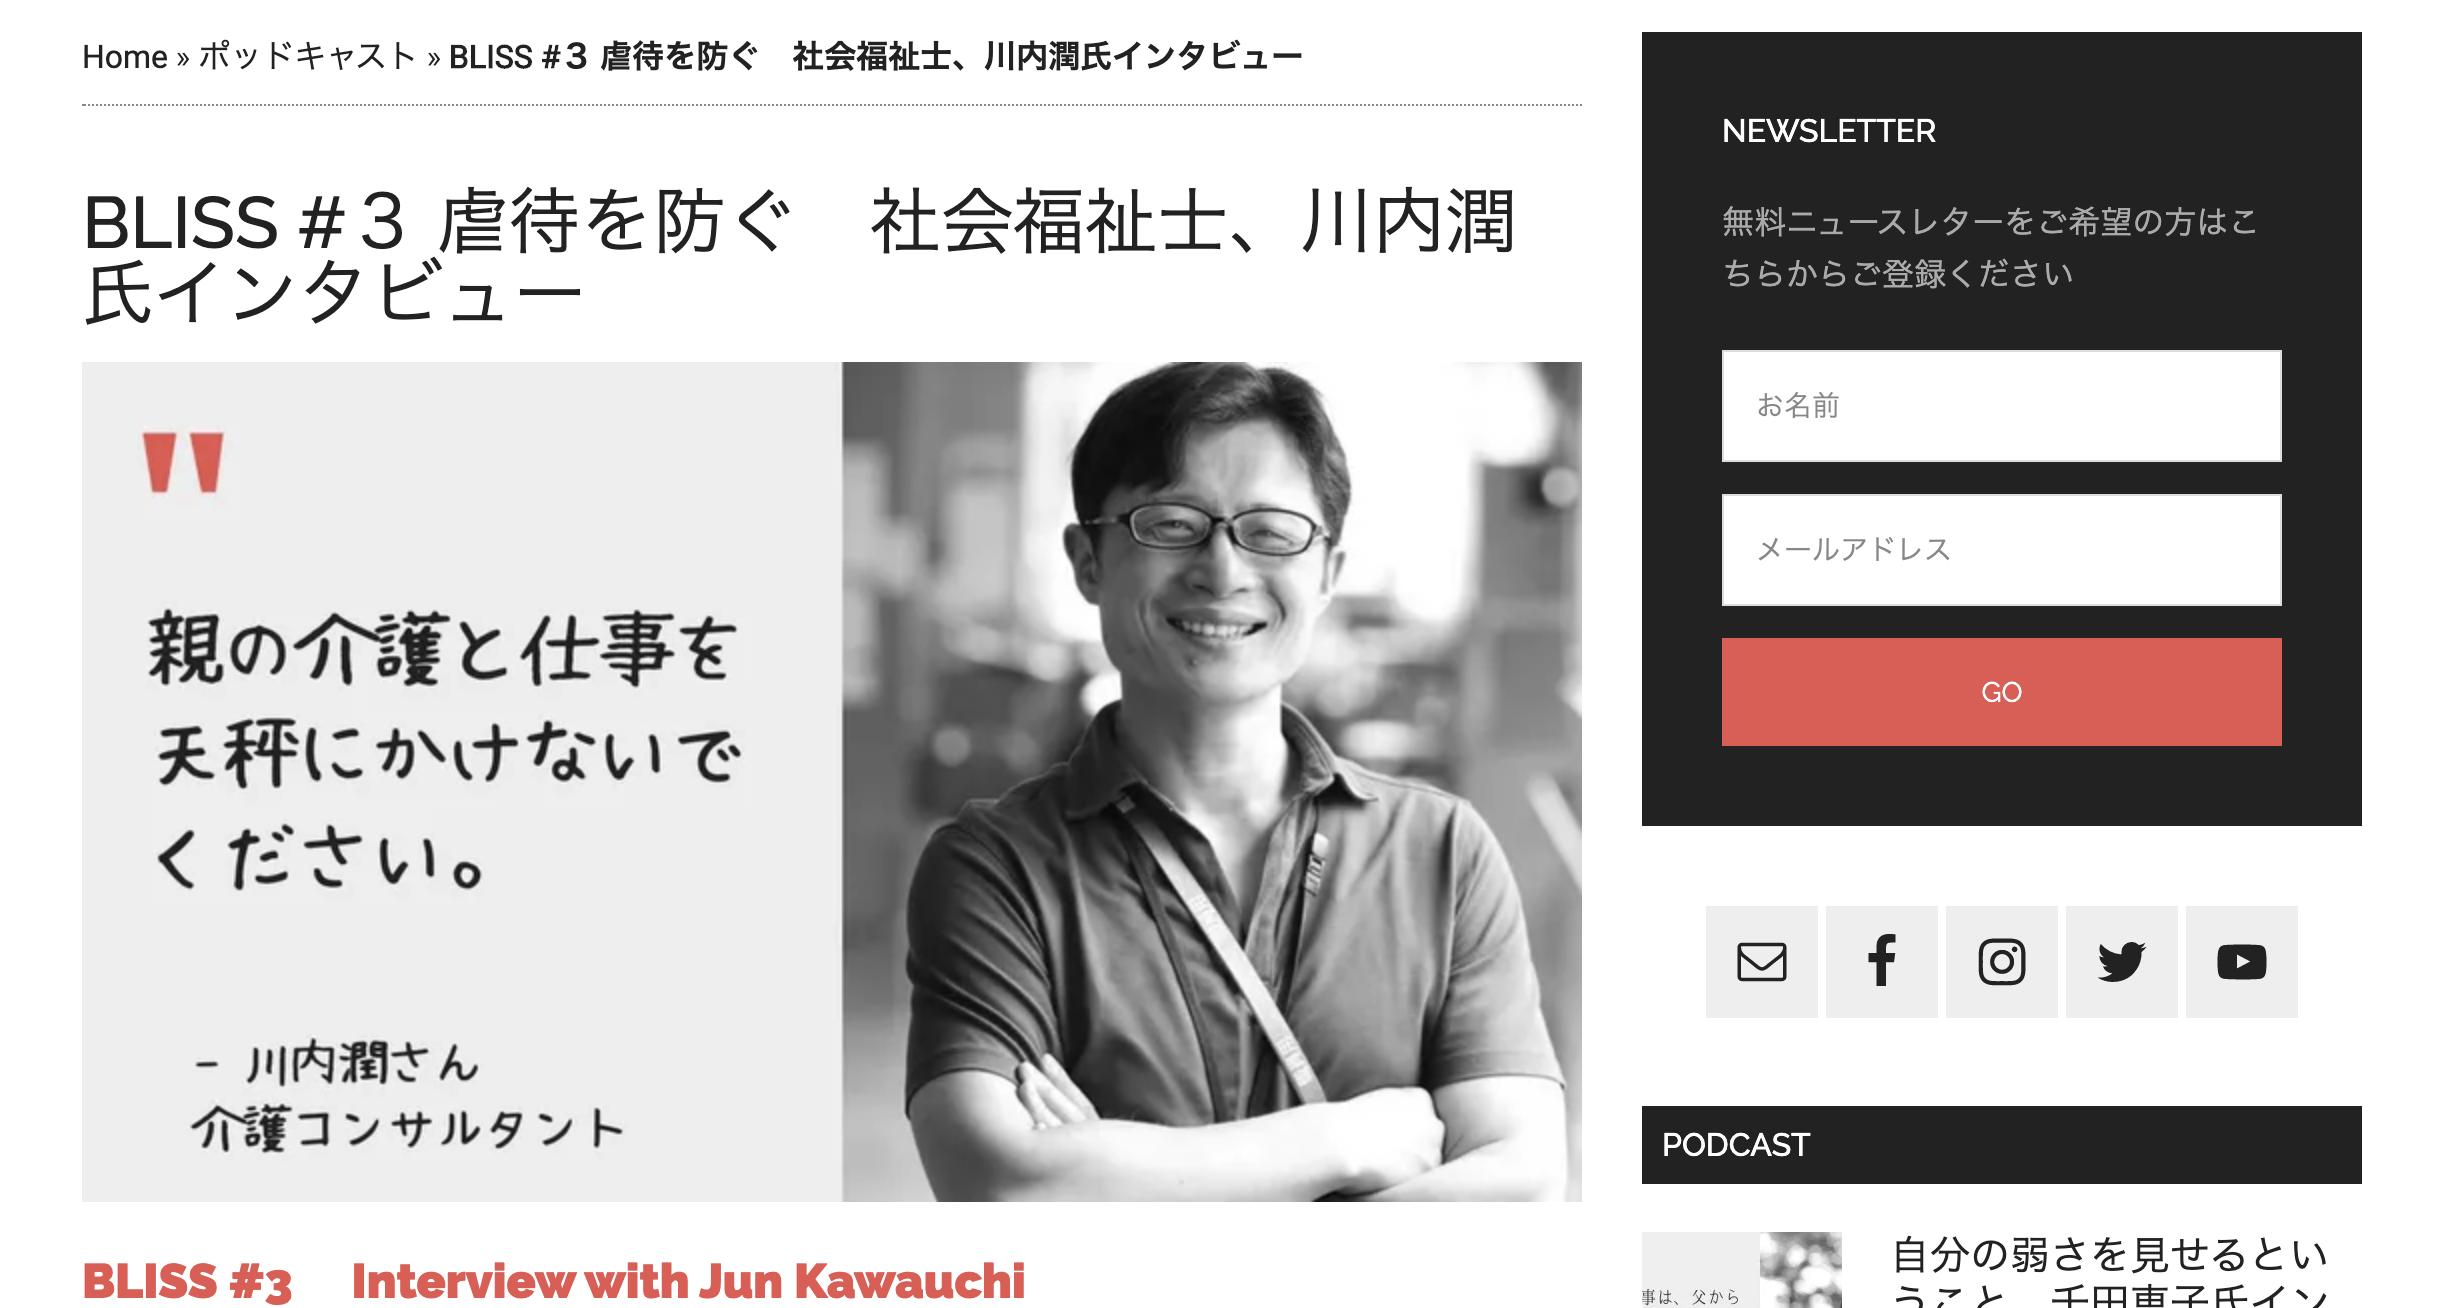 ポッドキャスト「BLISS」 『虐待を防ぐ 社会福祉士、川内潤氏インタビュー』